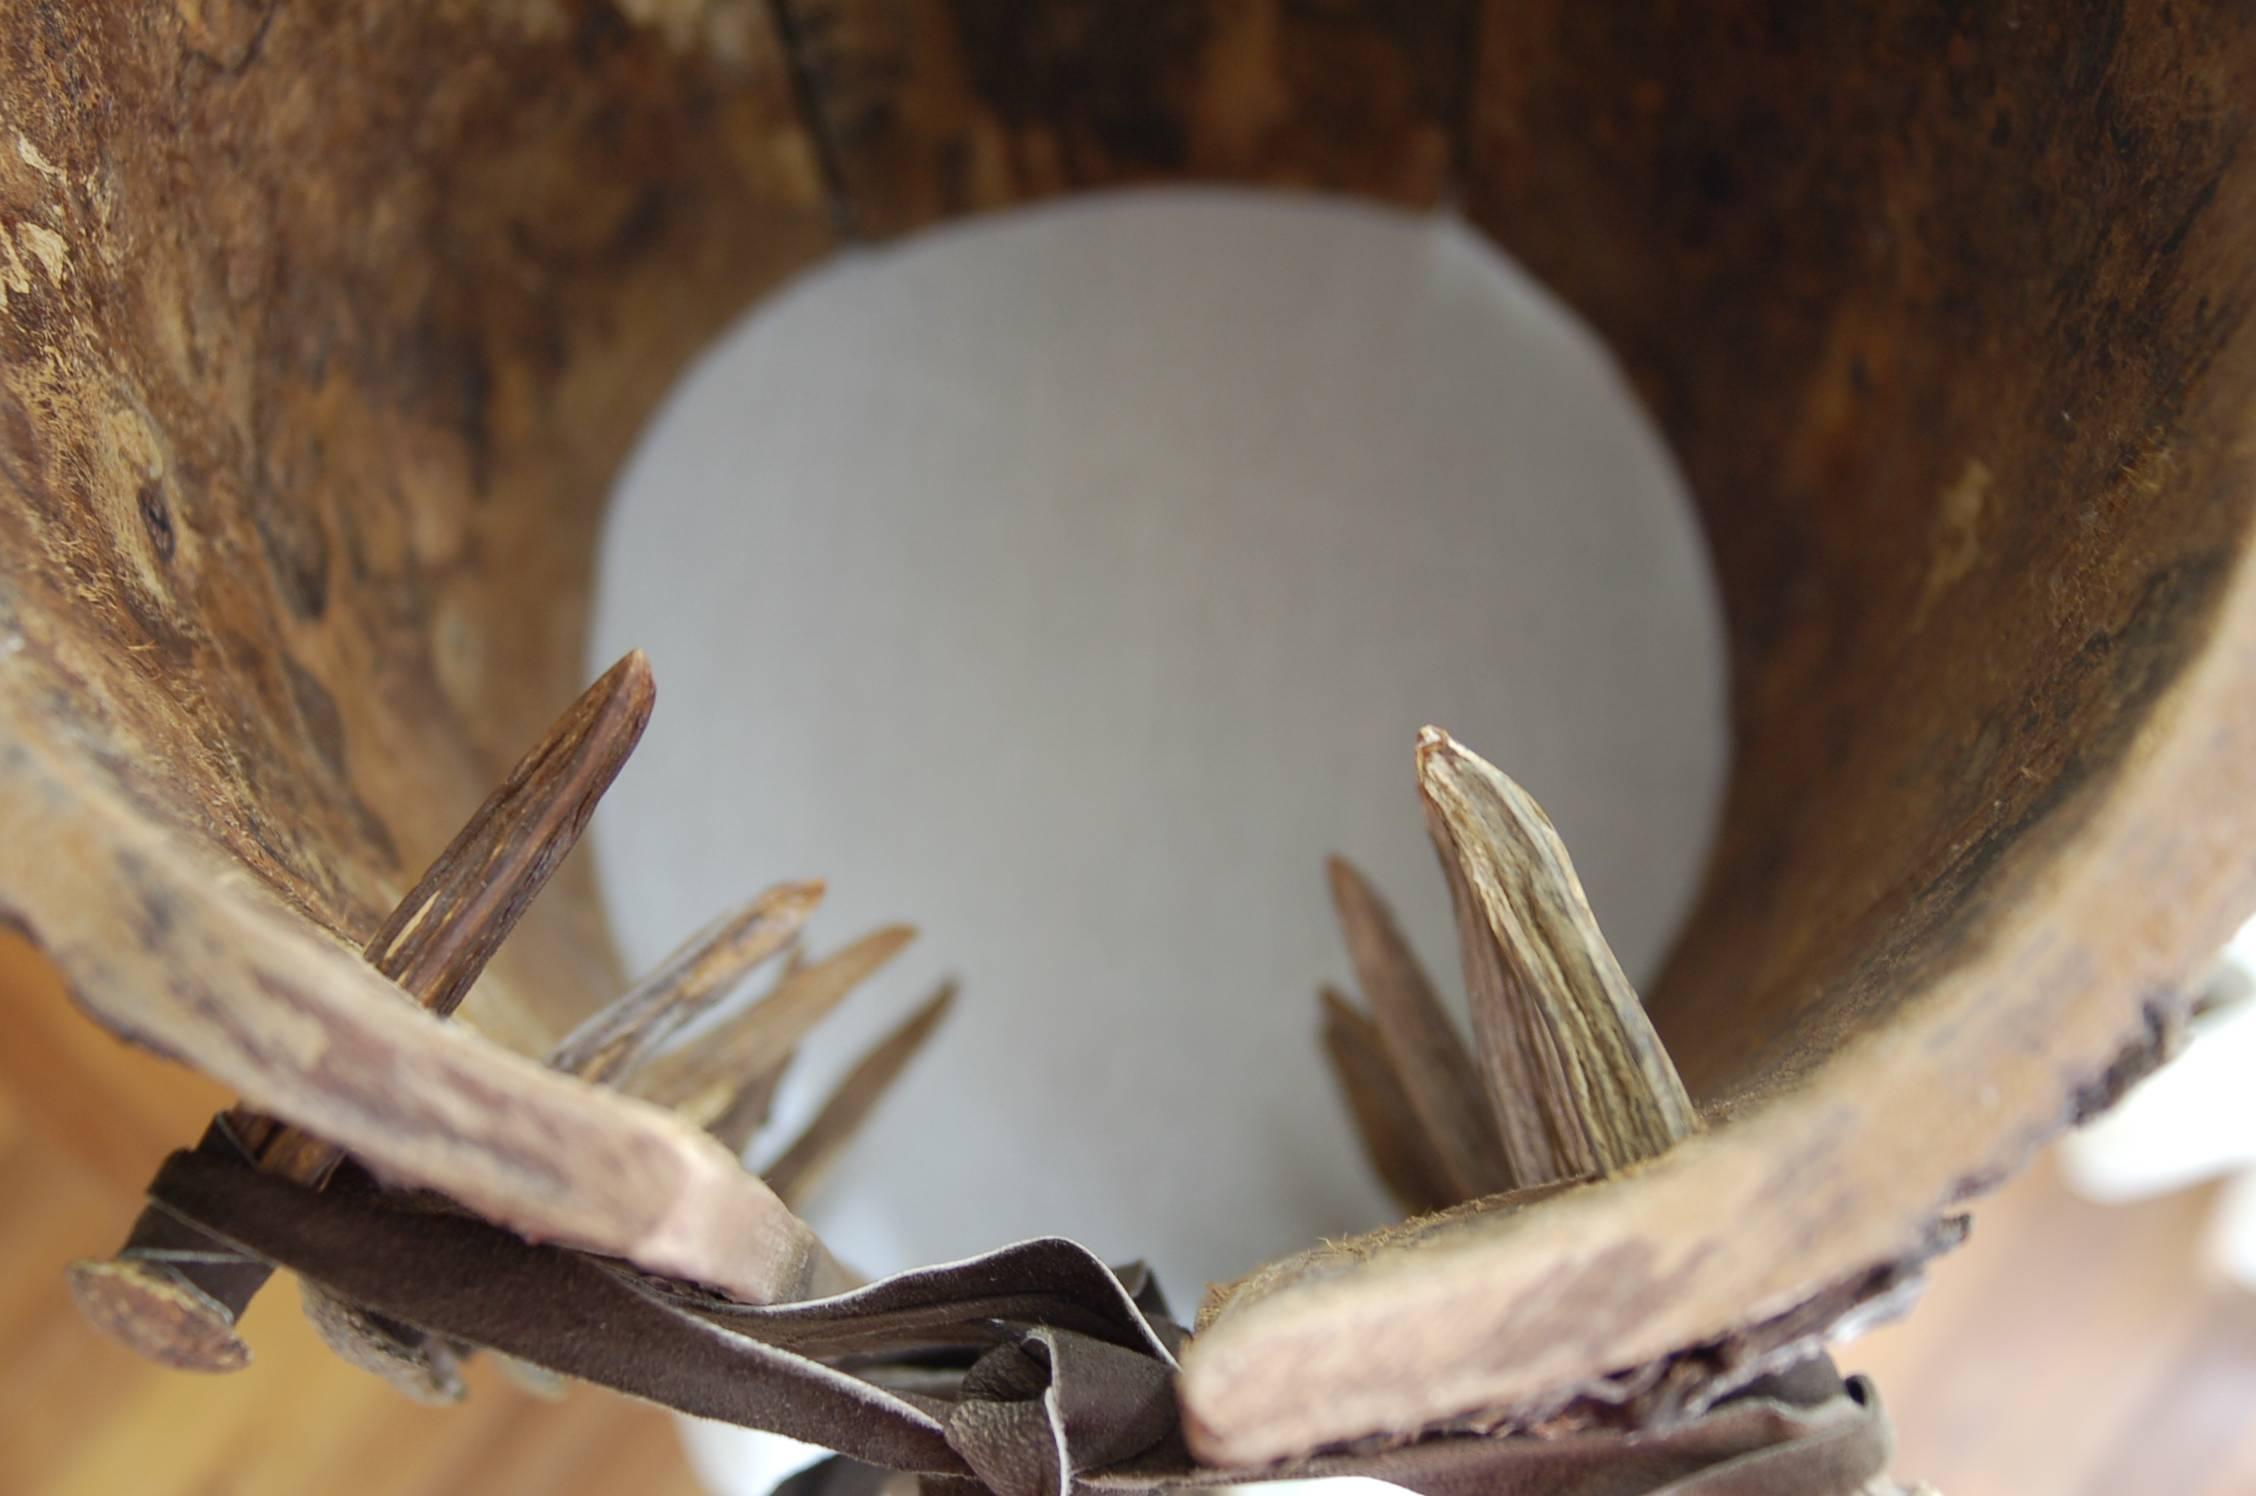 Corset El Arbol WWF Project Bolivia 2006